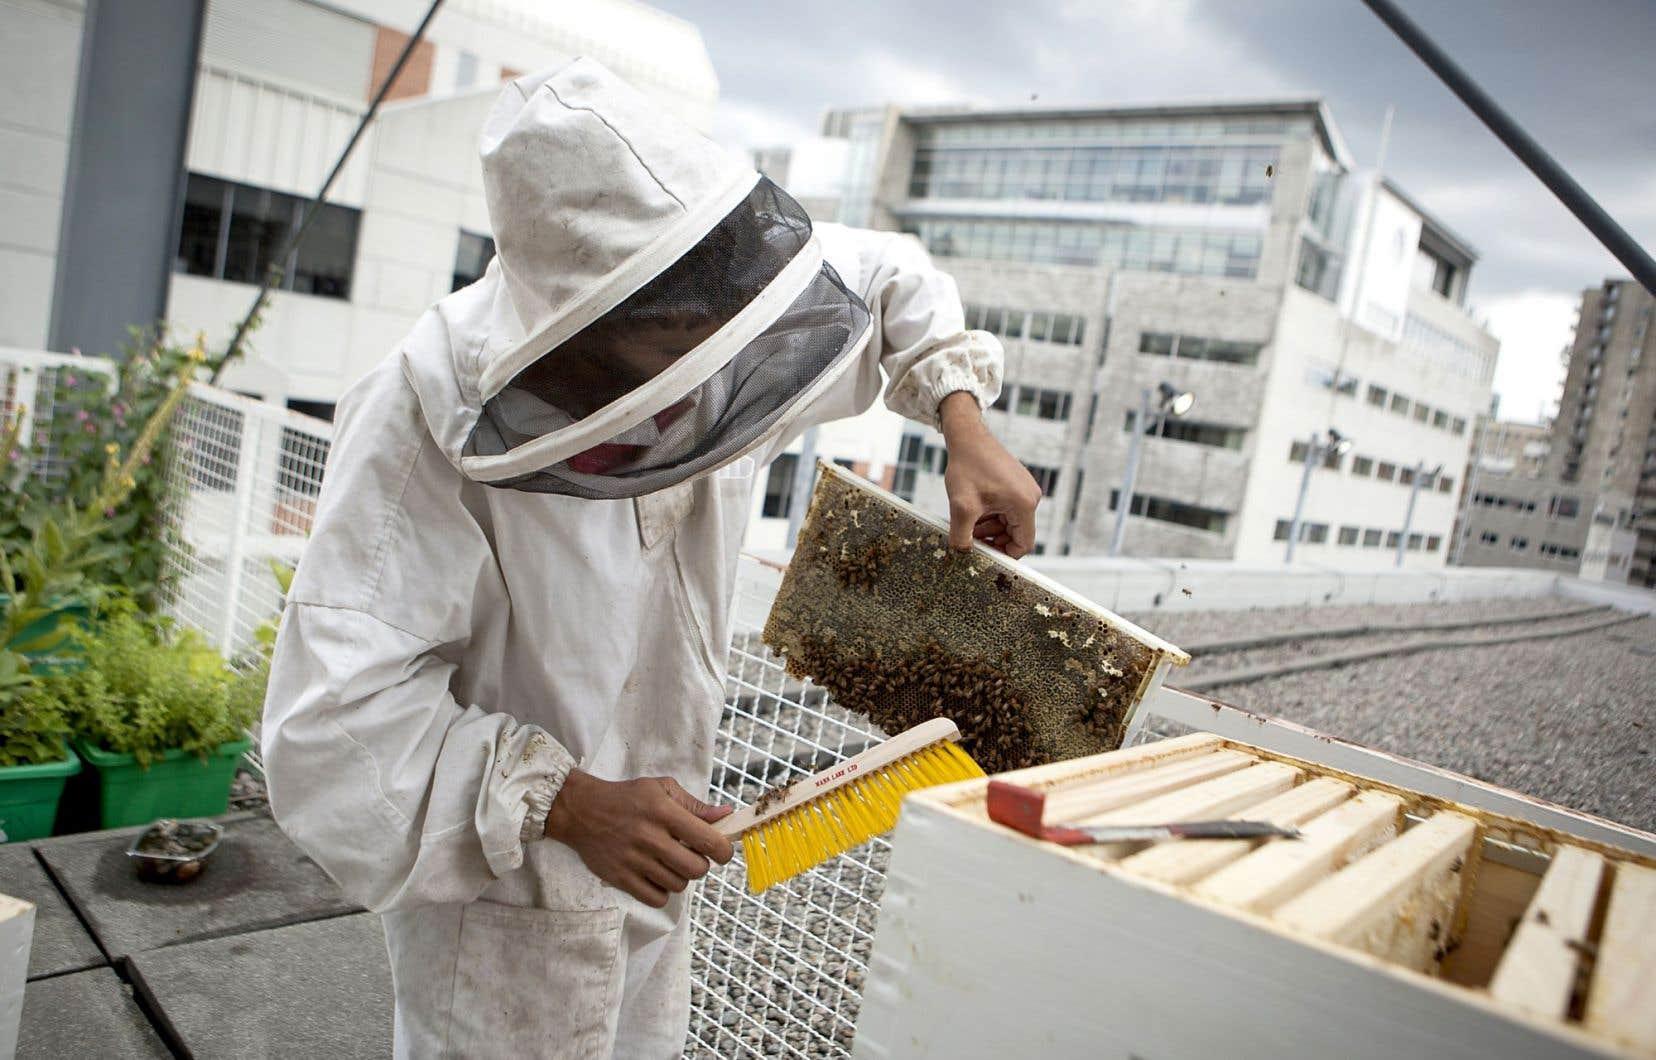 Au cours des dernières années, le nombre de ruches a explosé sur les toits de Montréal. On en trouve sur des sites aussi variés que la maison Birks, l'Accueil Bonneau, la Tohu, l'hôtel Fairmount Le Reine Élizabeth, le Palais des congrès, l'UQAM (photo) et bientôt l'aéroport Montréal-Trudeau. Sans compter les projets à vocation communautaire et les ruches privées qui se multiplient.